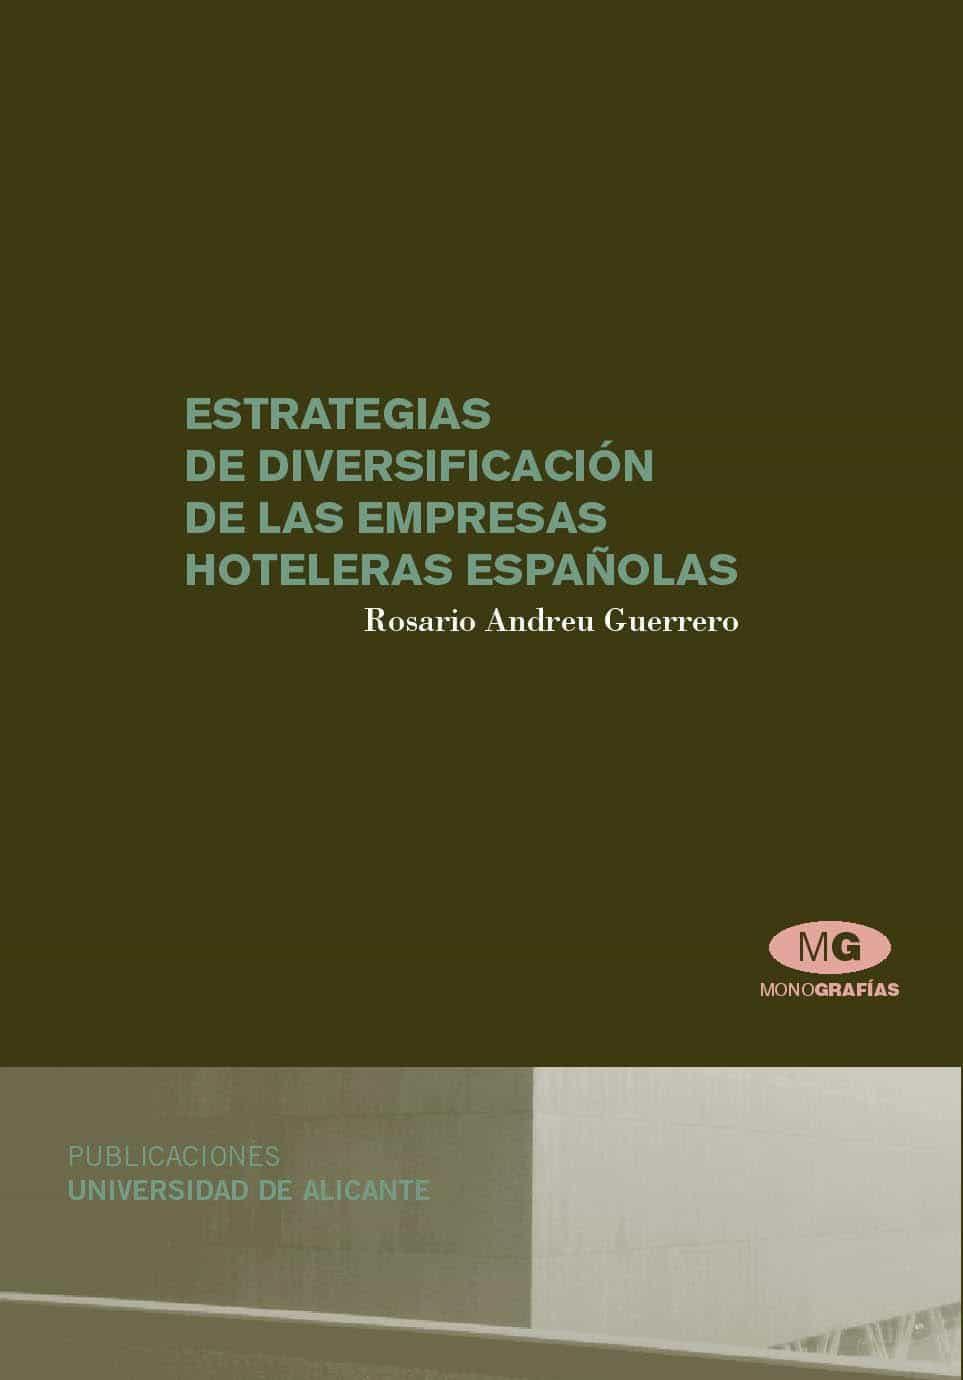 Estrategias De Diversificacion De Las Empresas Hoteleras Española S por Vv.aa. Gratis